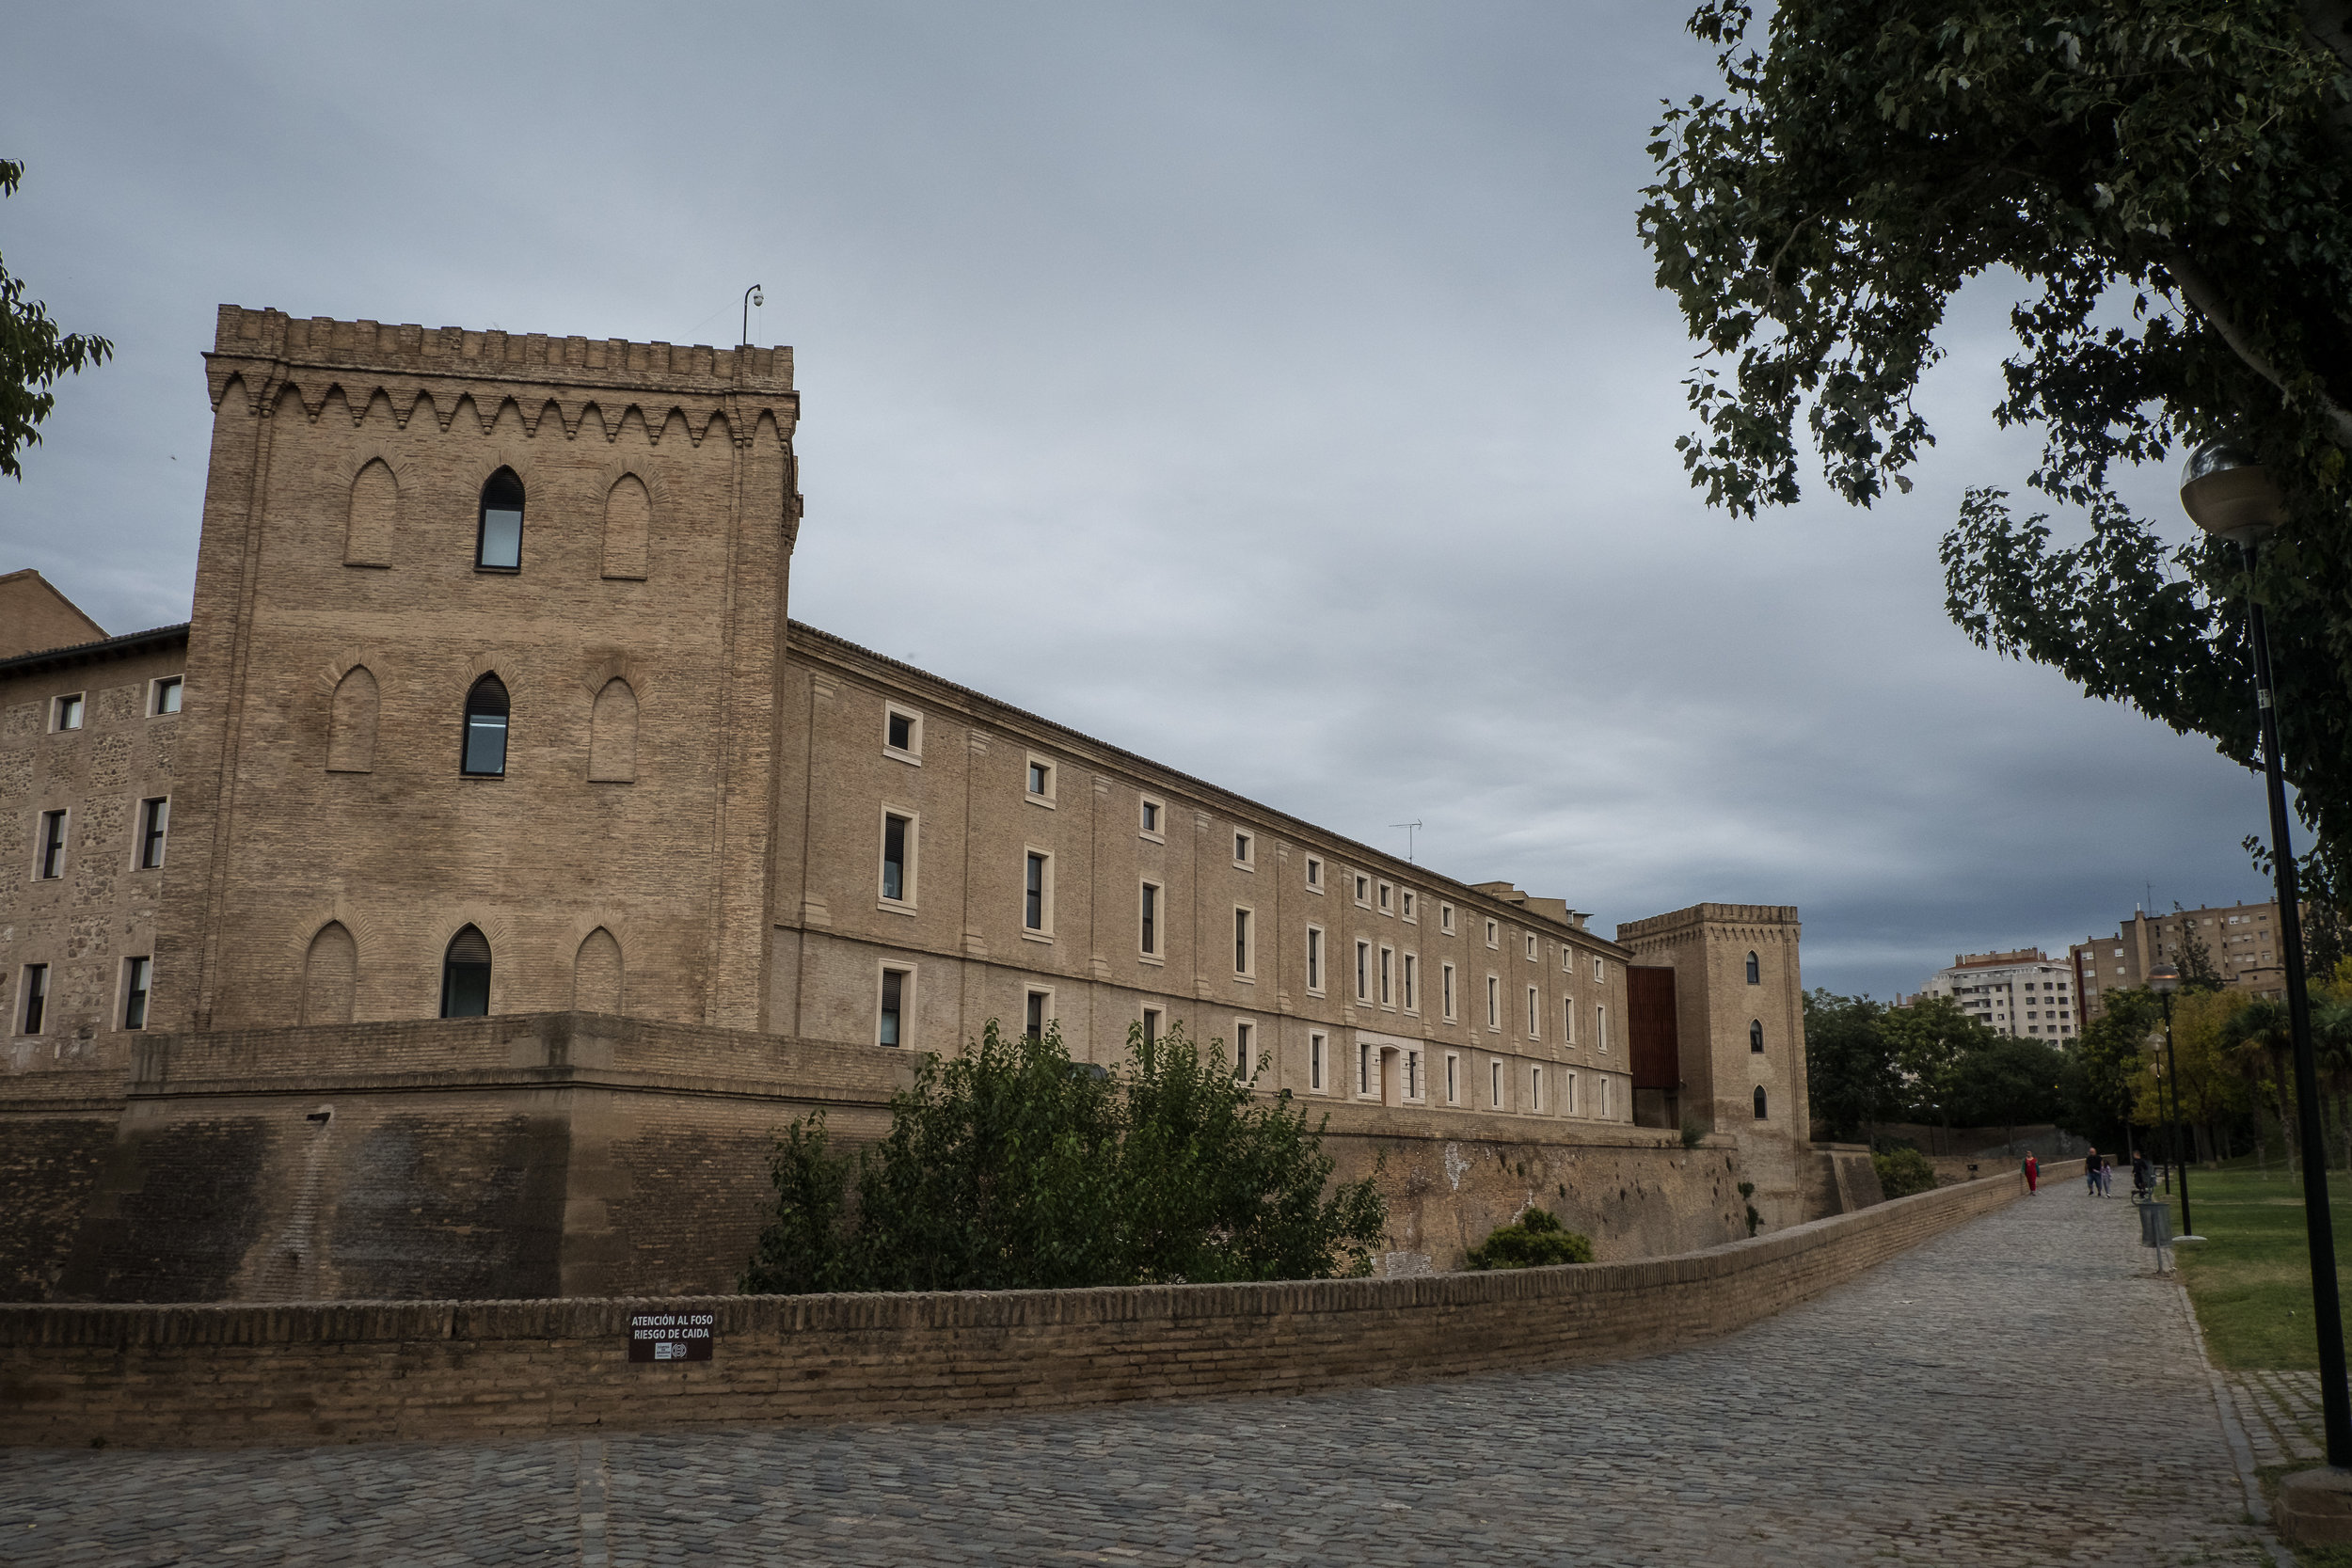 Palacio de la Aljafería, 11th century Moorish palace